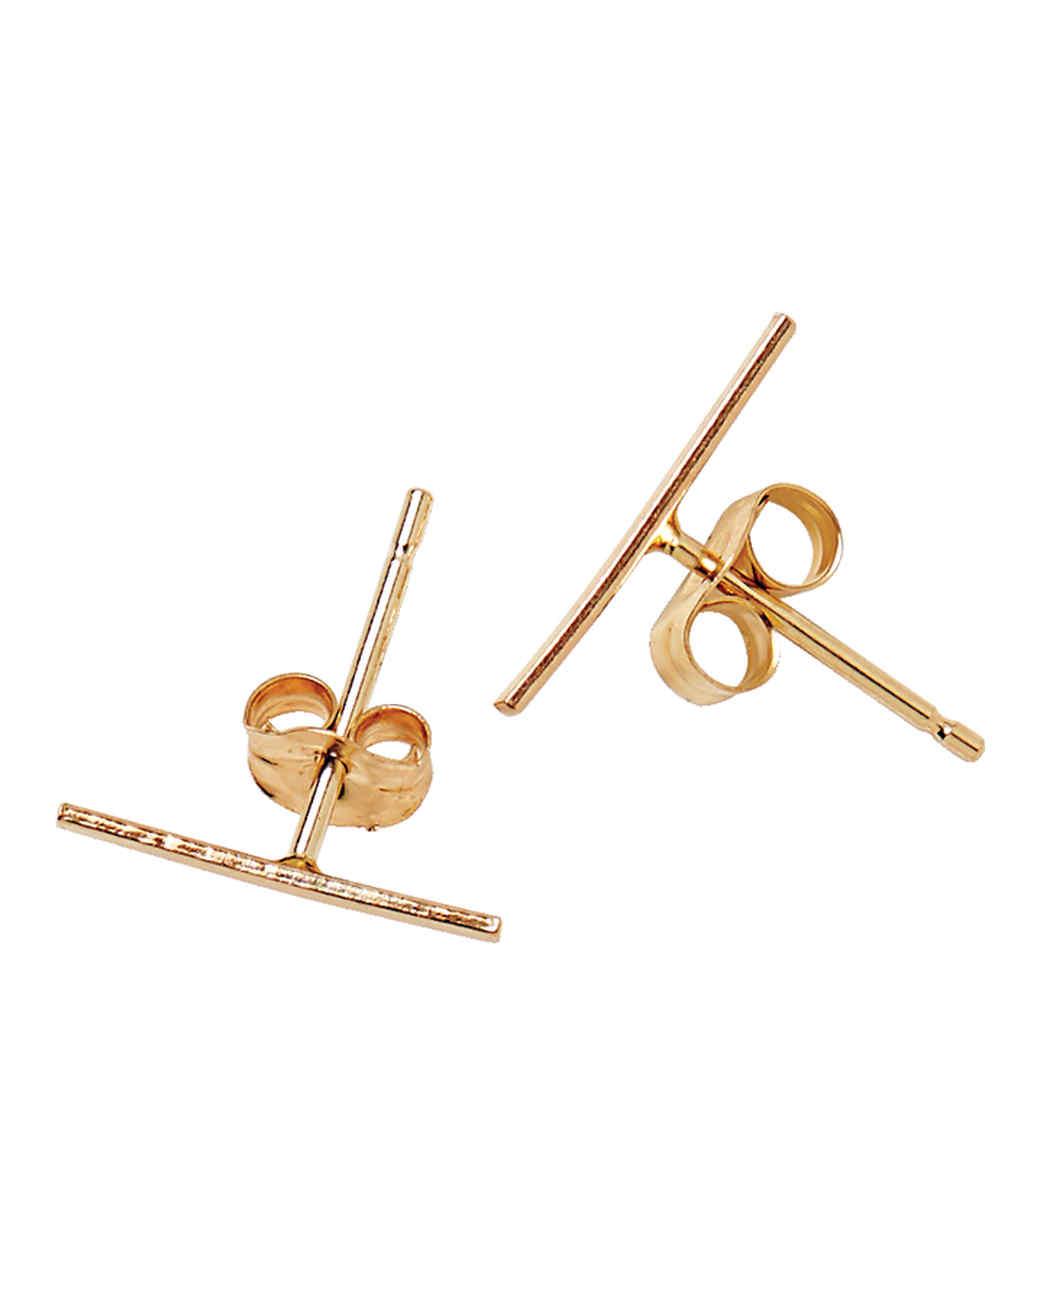 earrings-brvtvs-085-d111219.jpg